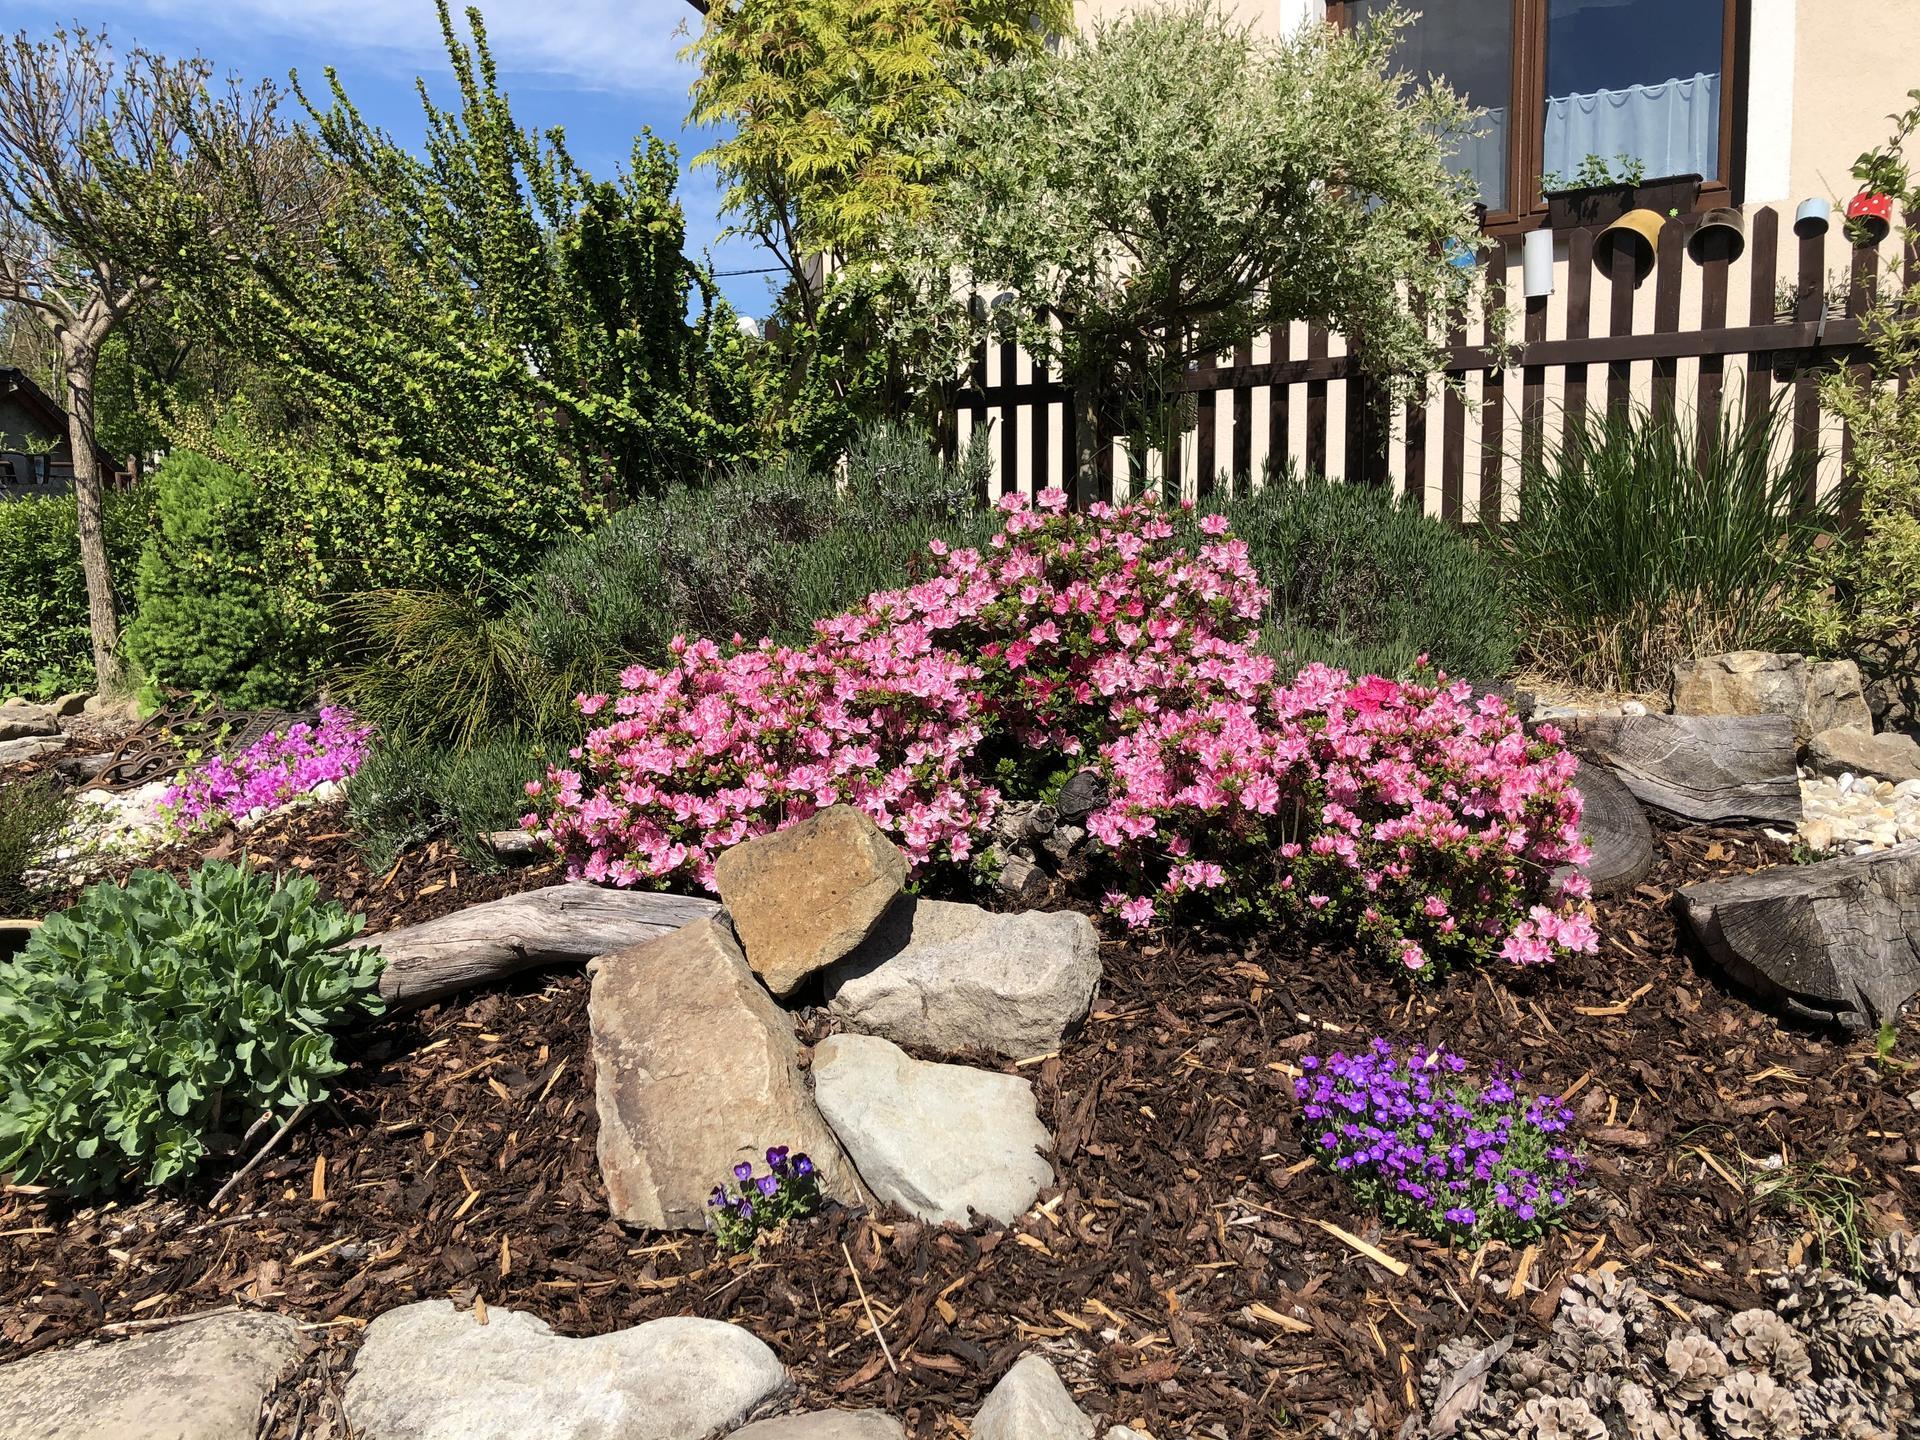 U nás doma a na zahradě 2020 - Obrázek č. 60